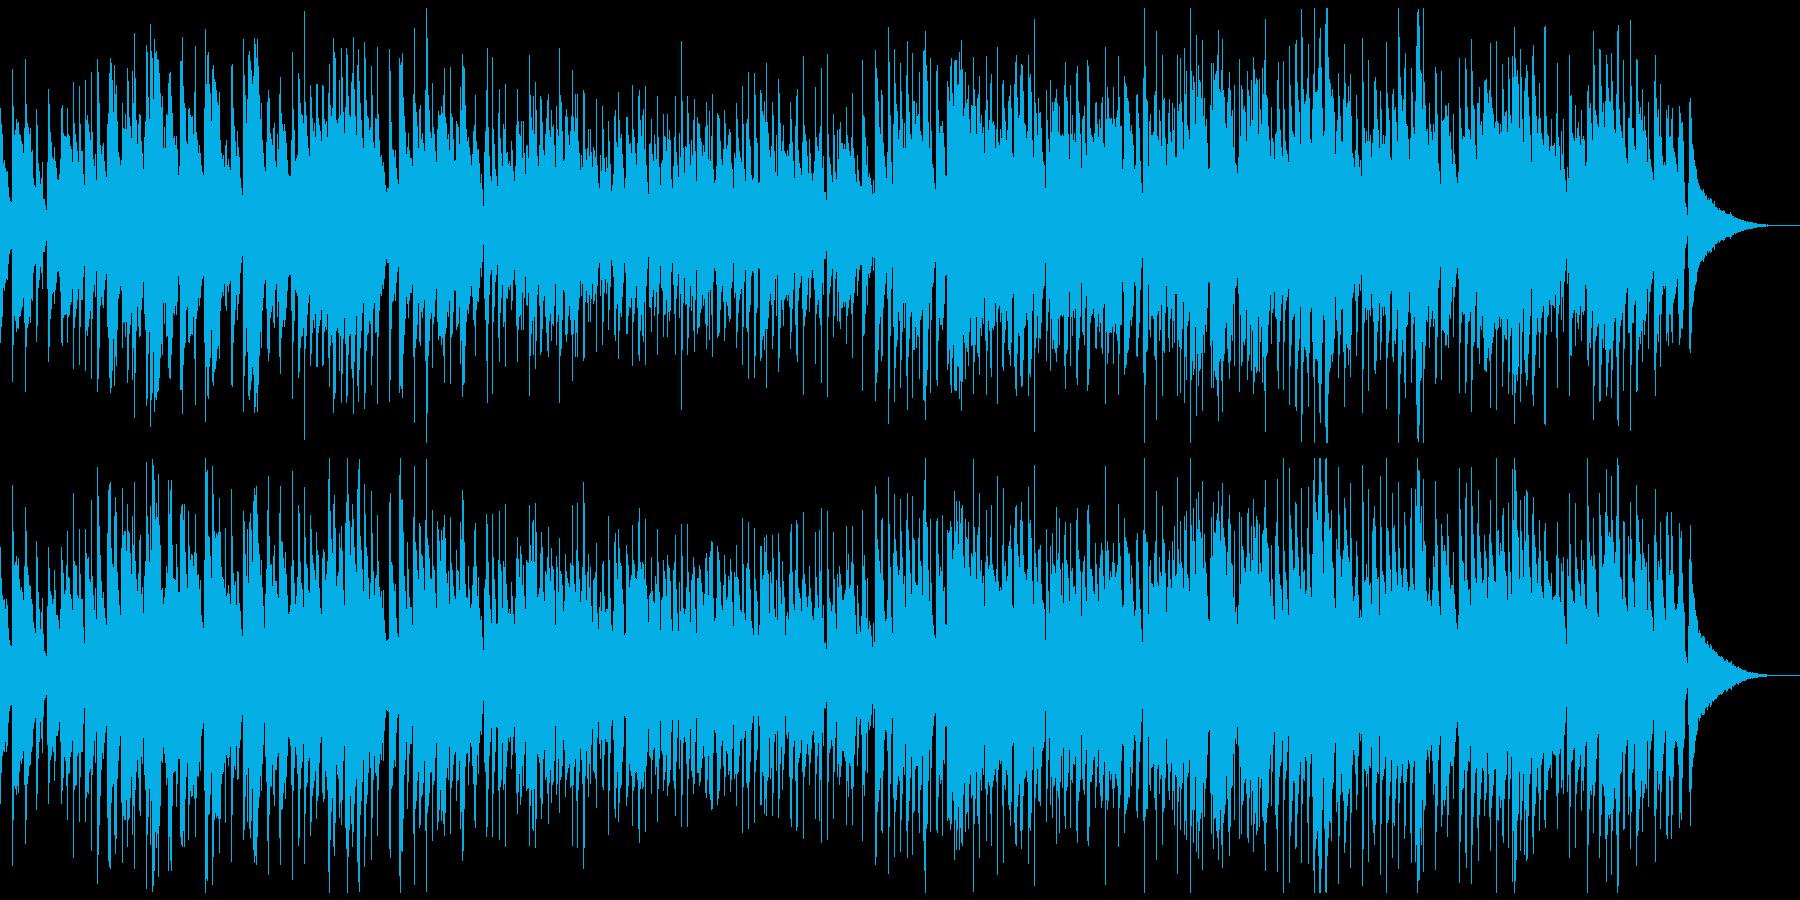 ひいらぎかざろう・クリスマス曲・ジャズの再生済みの波形